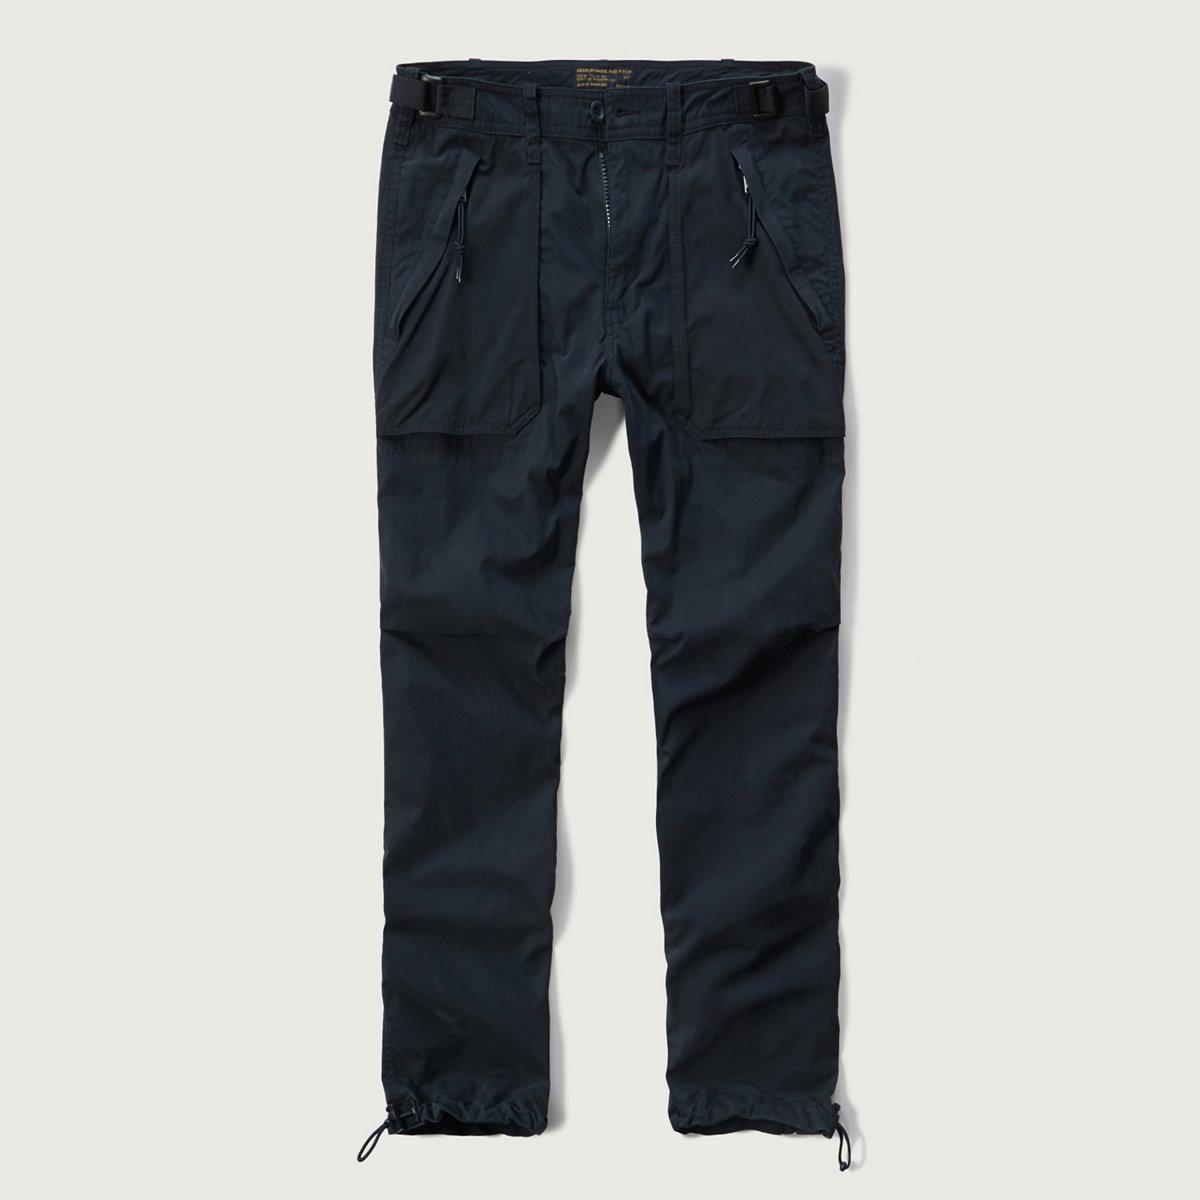 Paratroop Pants